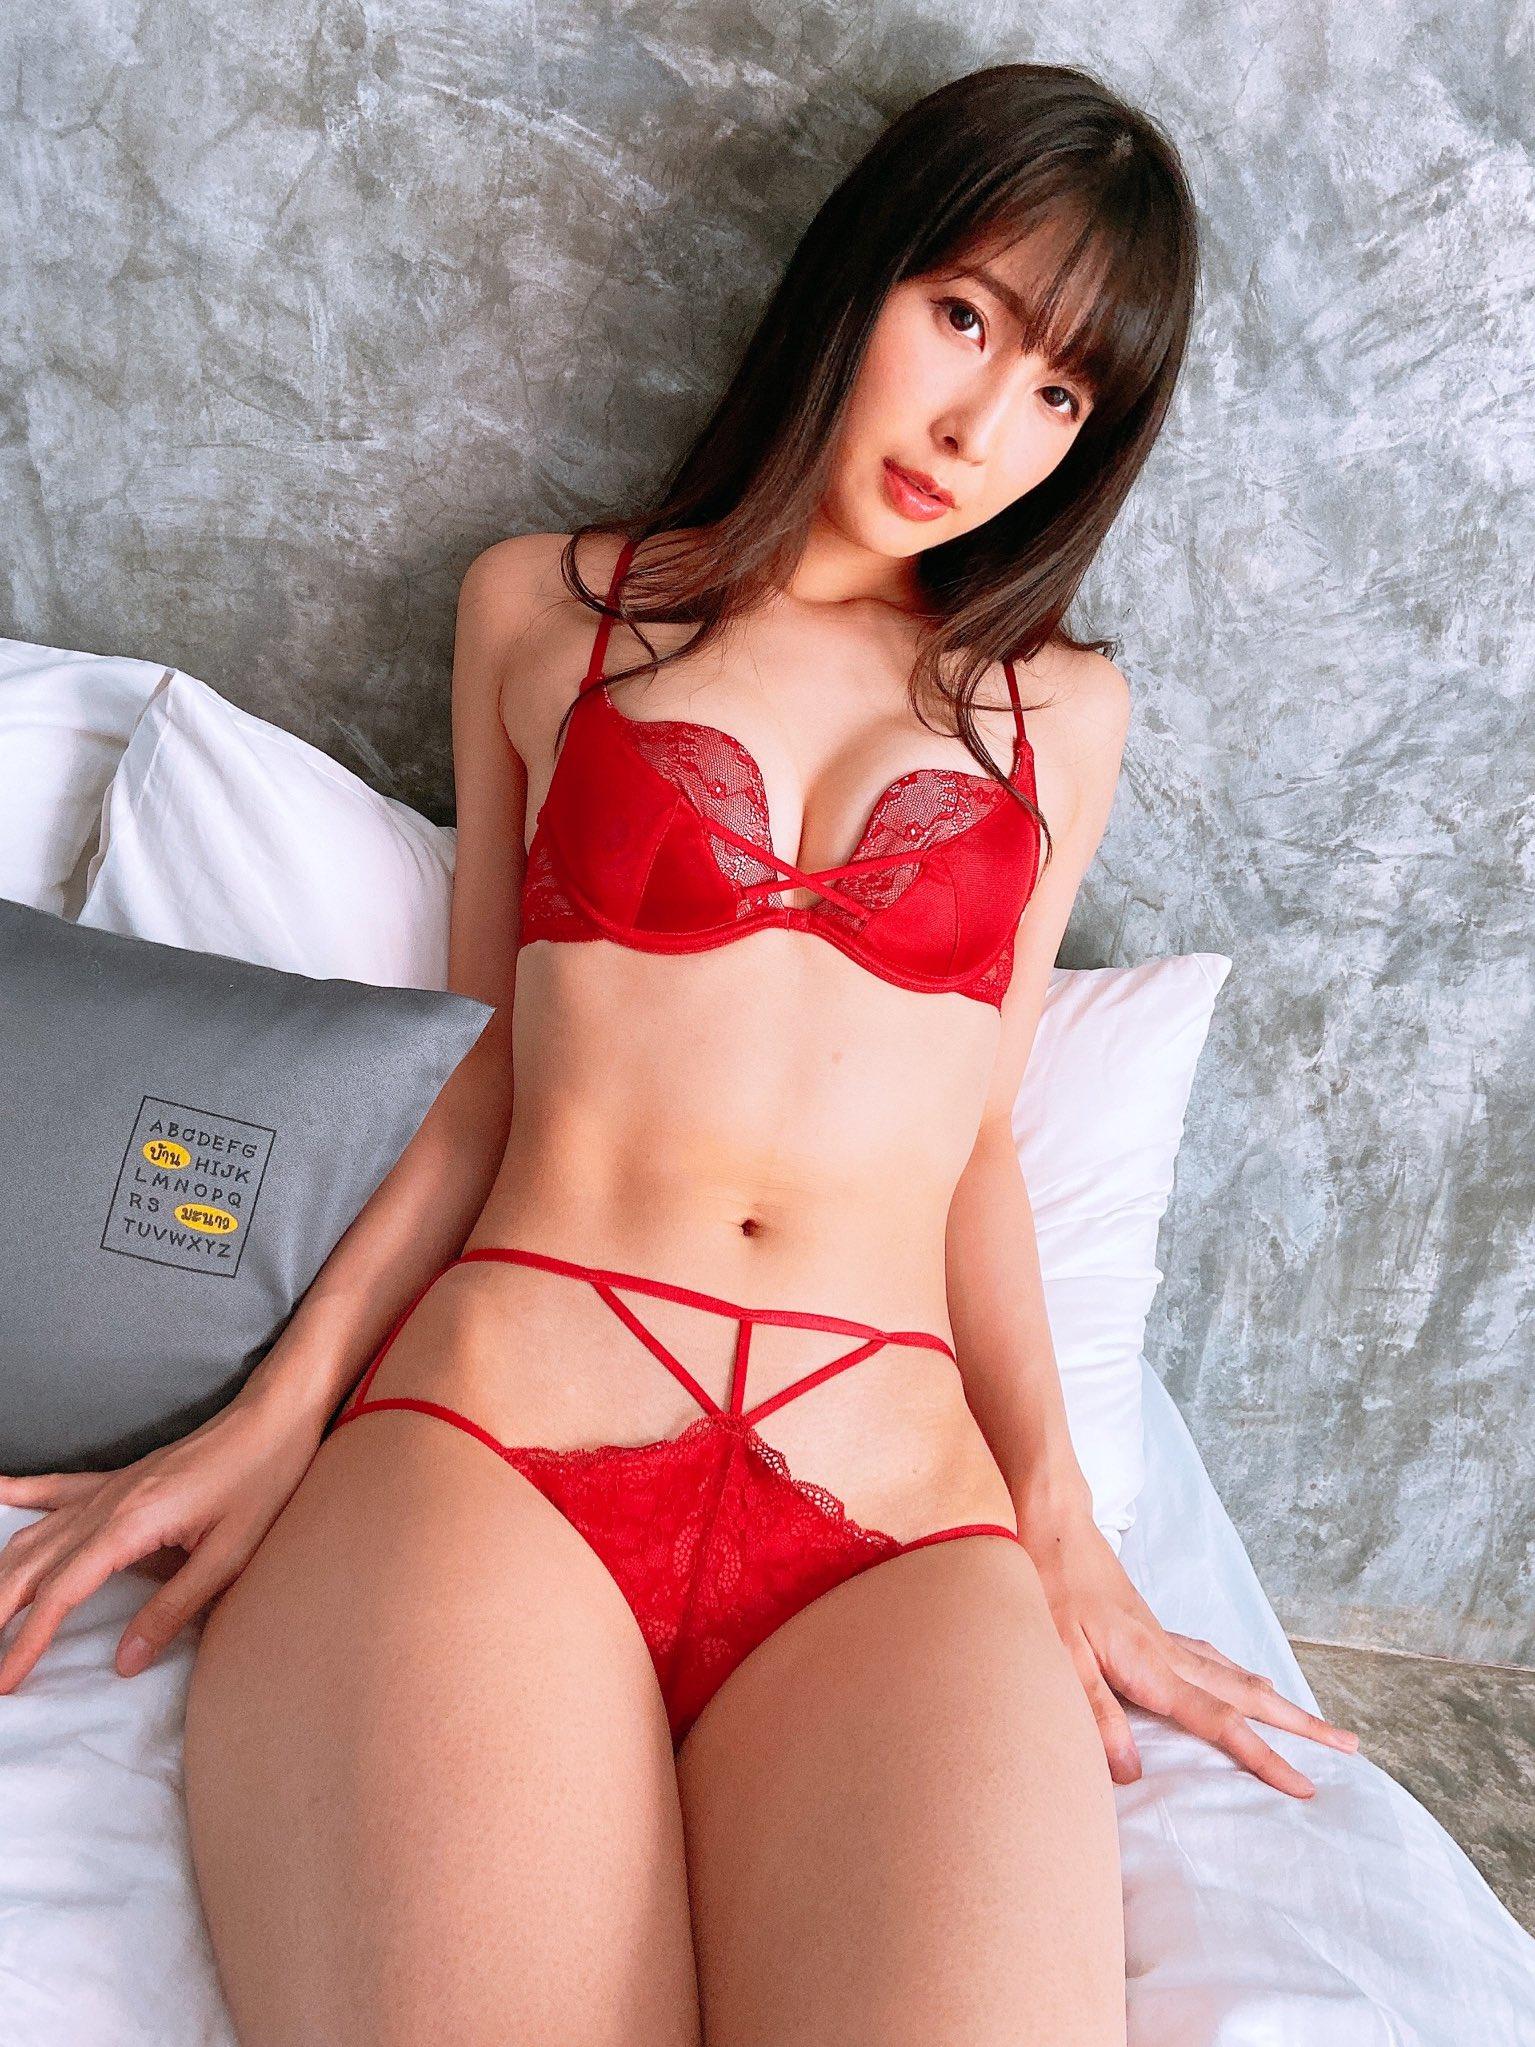 kawasaki__aya 1202834740899807232_p2